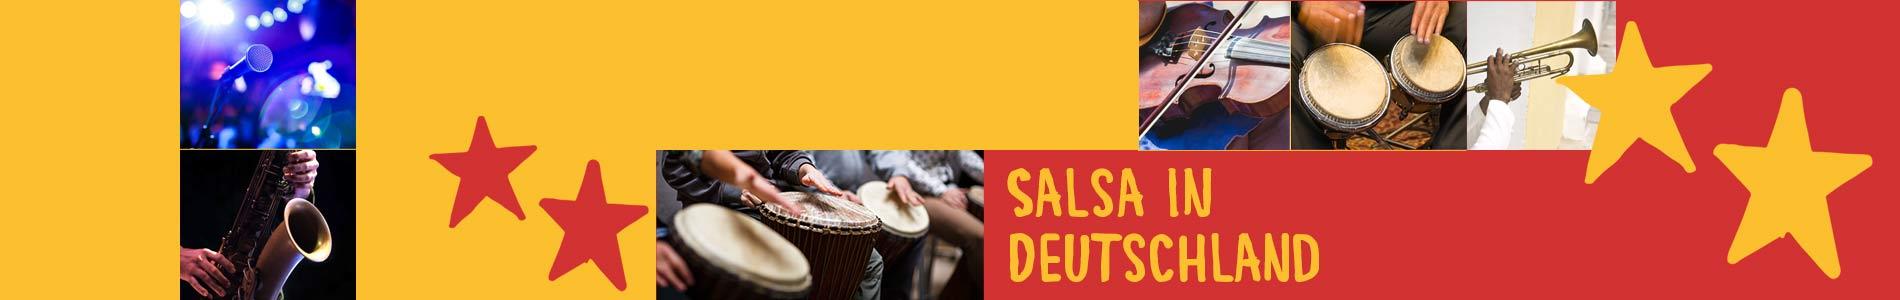 Salsa in Borgstedt – Salsa lernen und tanzen, Tanzkurse, Partys, Veranstaltungen